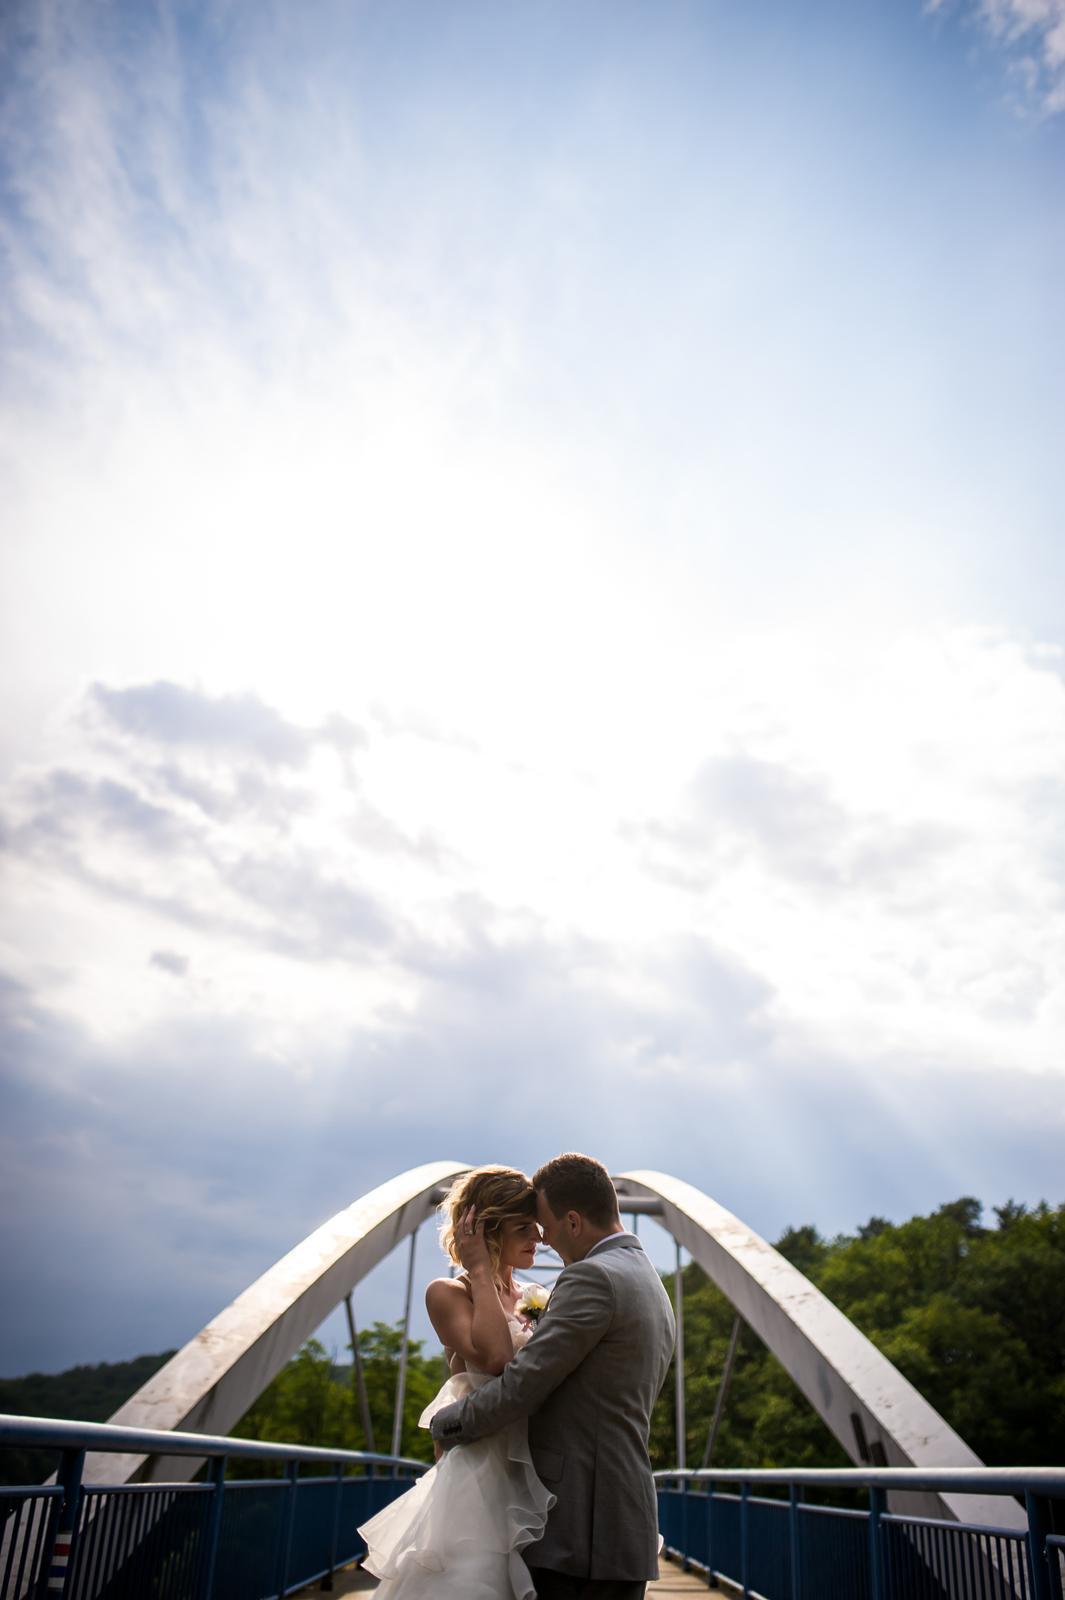 Wedding ♥ - Obrázek č. 82